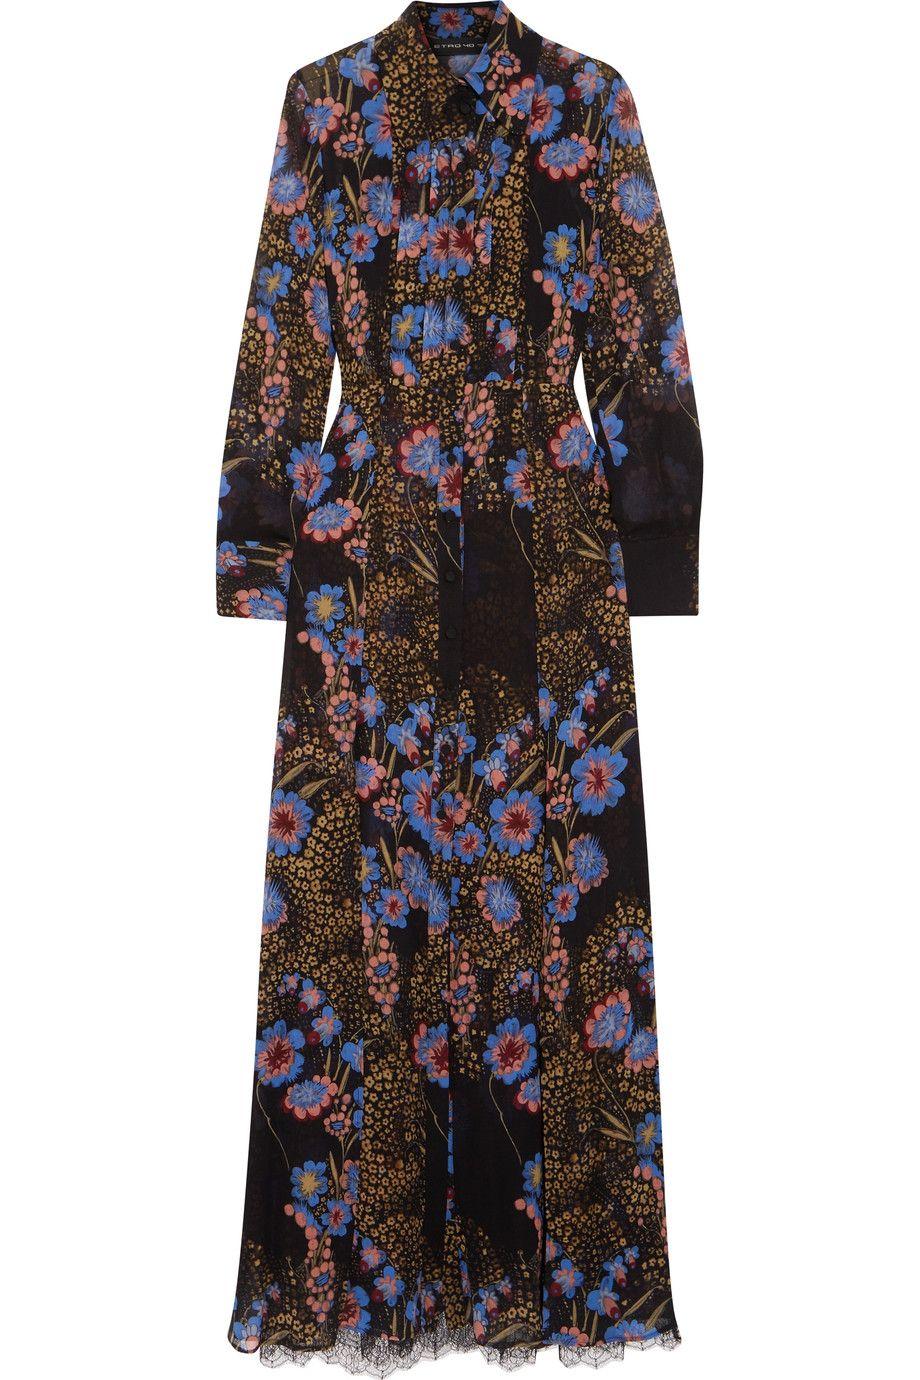 Lace And Printed Silk-chiffon Shirt And Dress Set - Black Etro DX1Jy86hxK